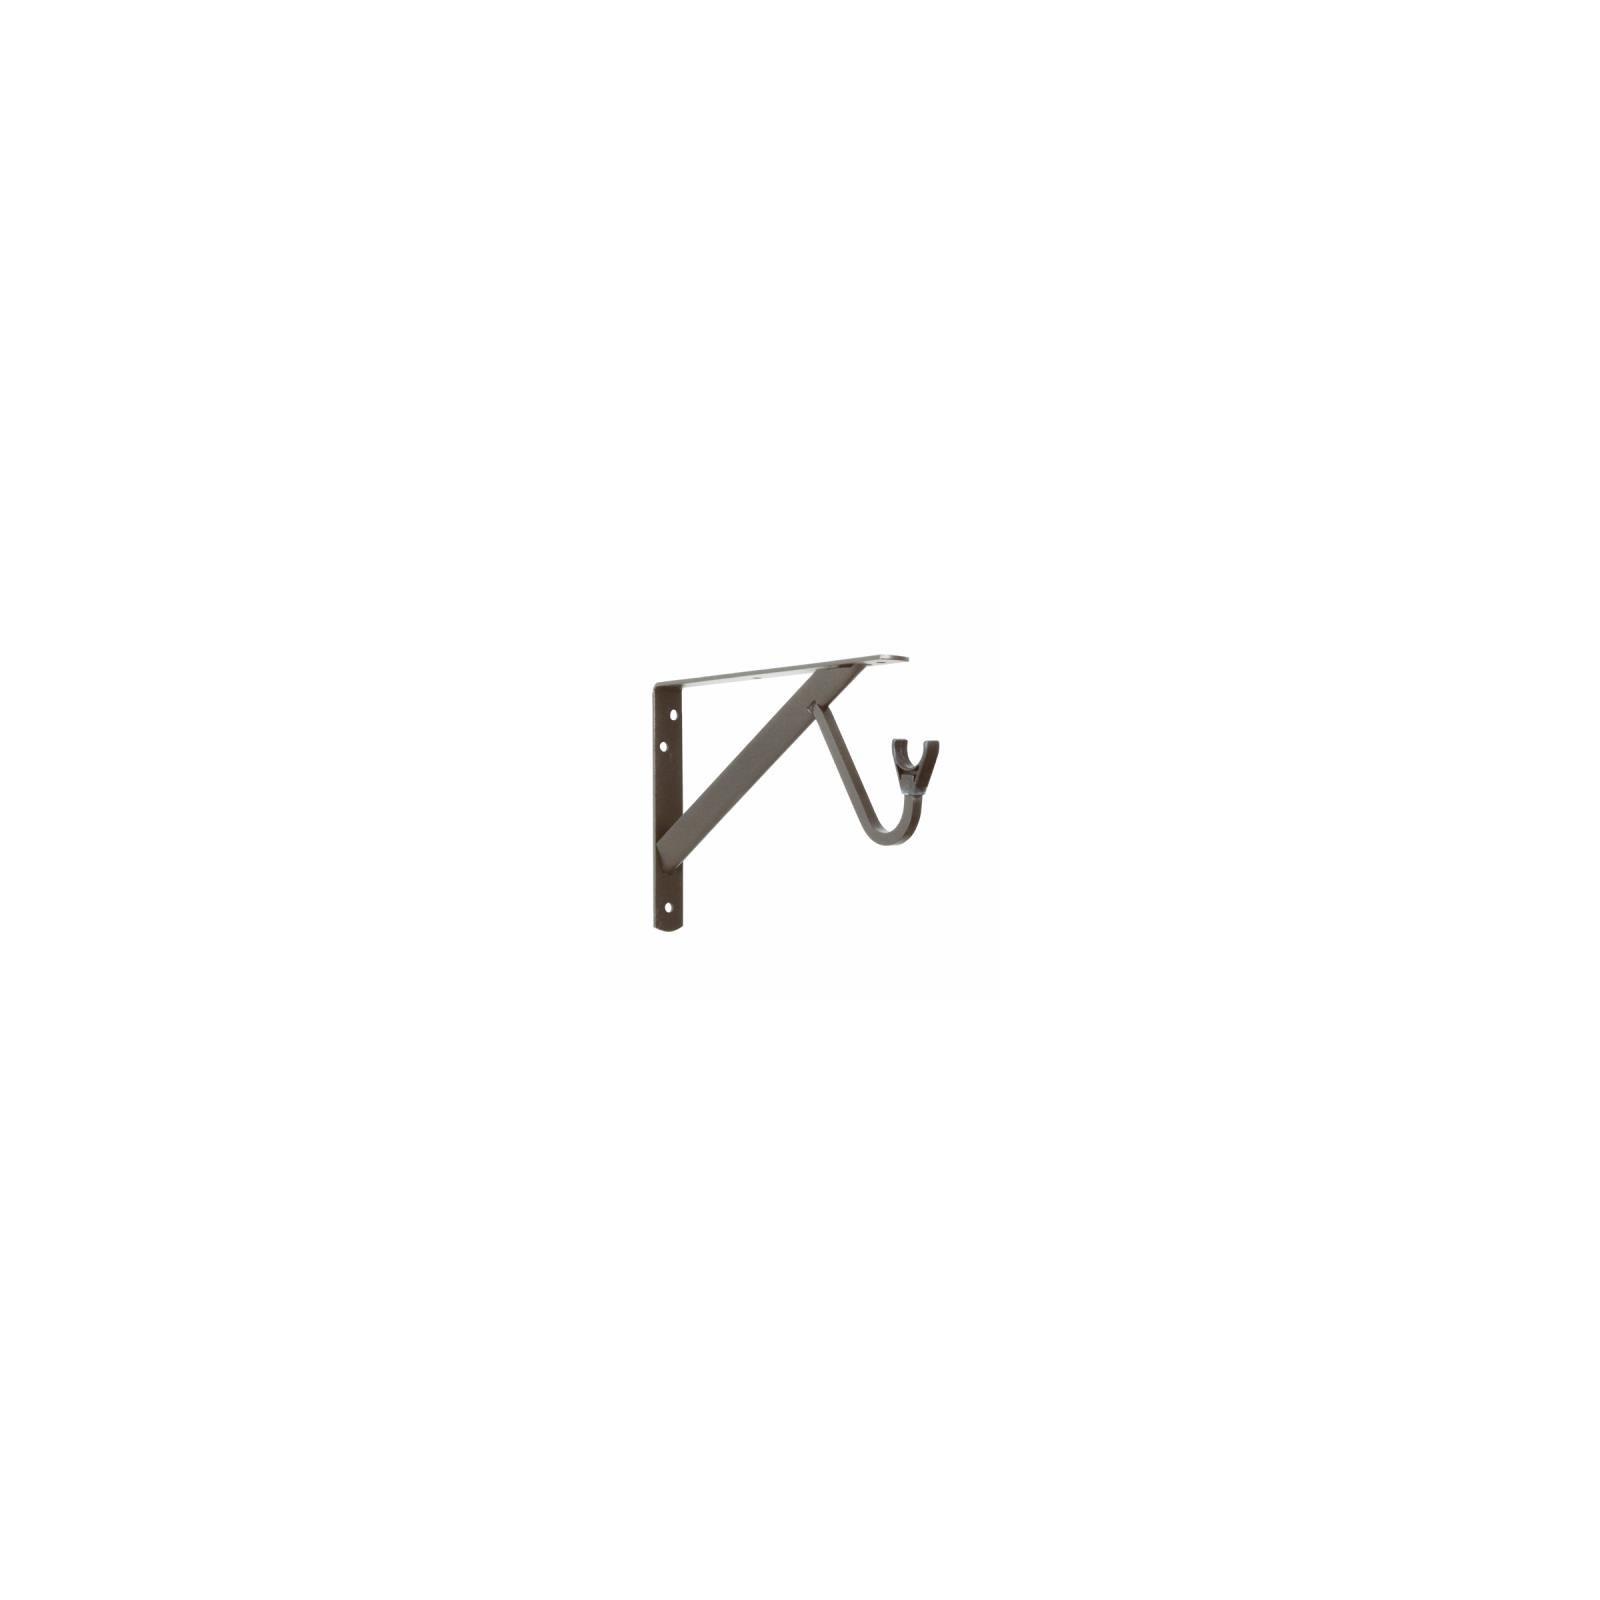 SHLF/ROD BRCKT BRONZE HD by KNAPE & VOGT MfrPartNo RP-0495-BRZ by Knape & Vogt